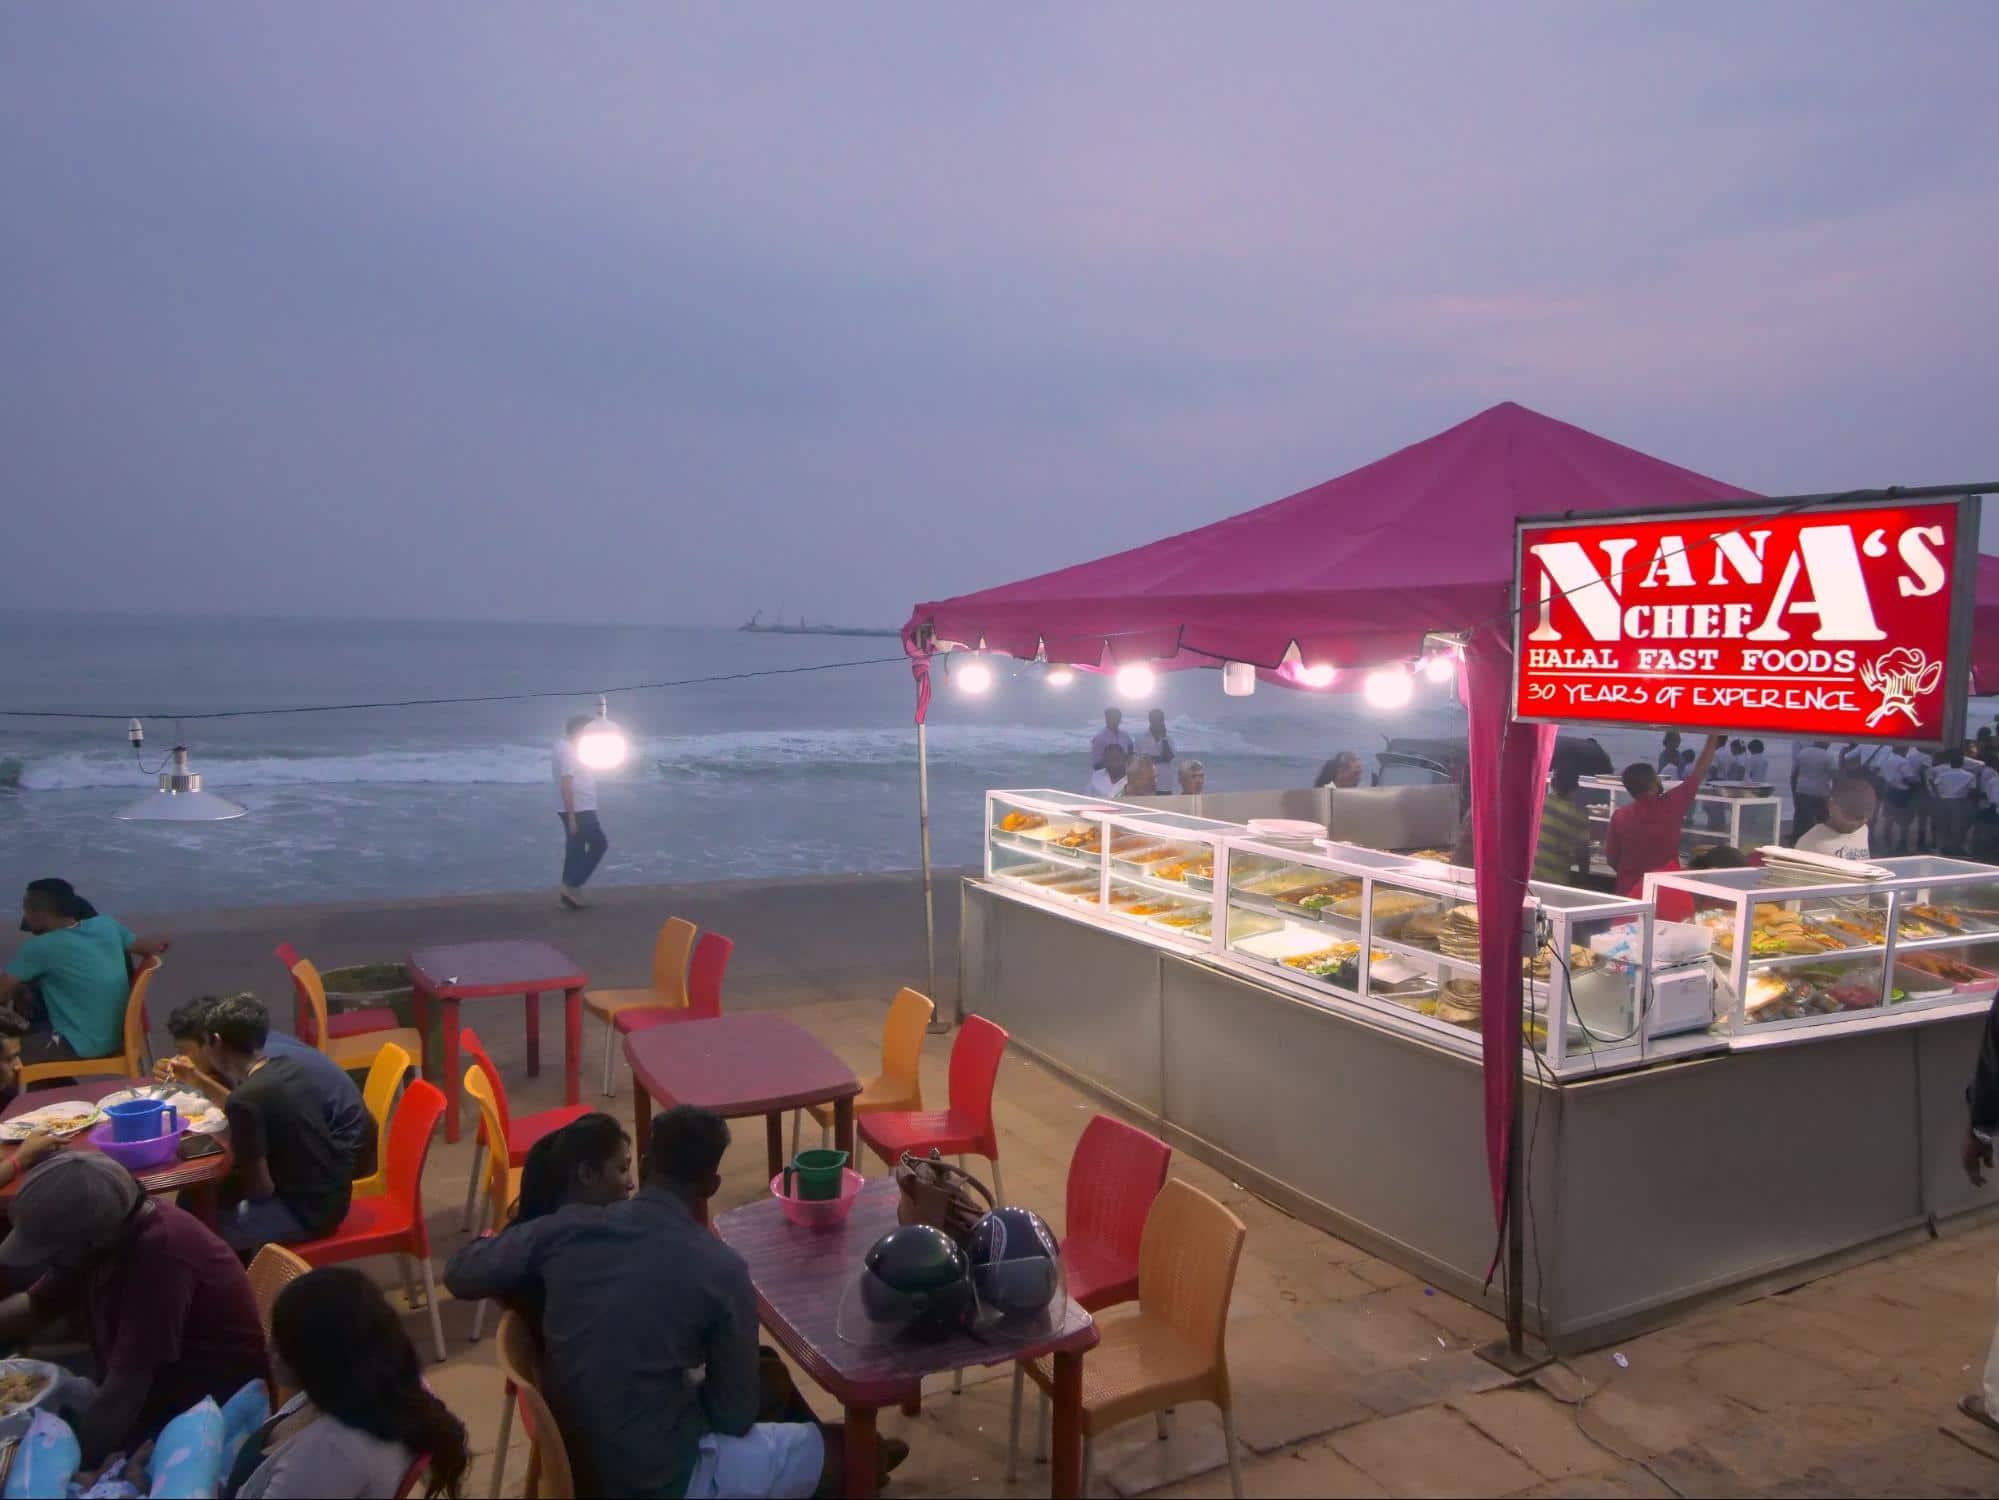 Chef Nana's